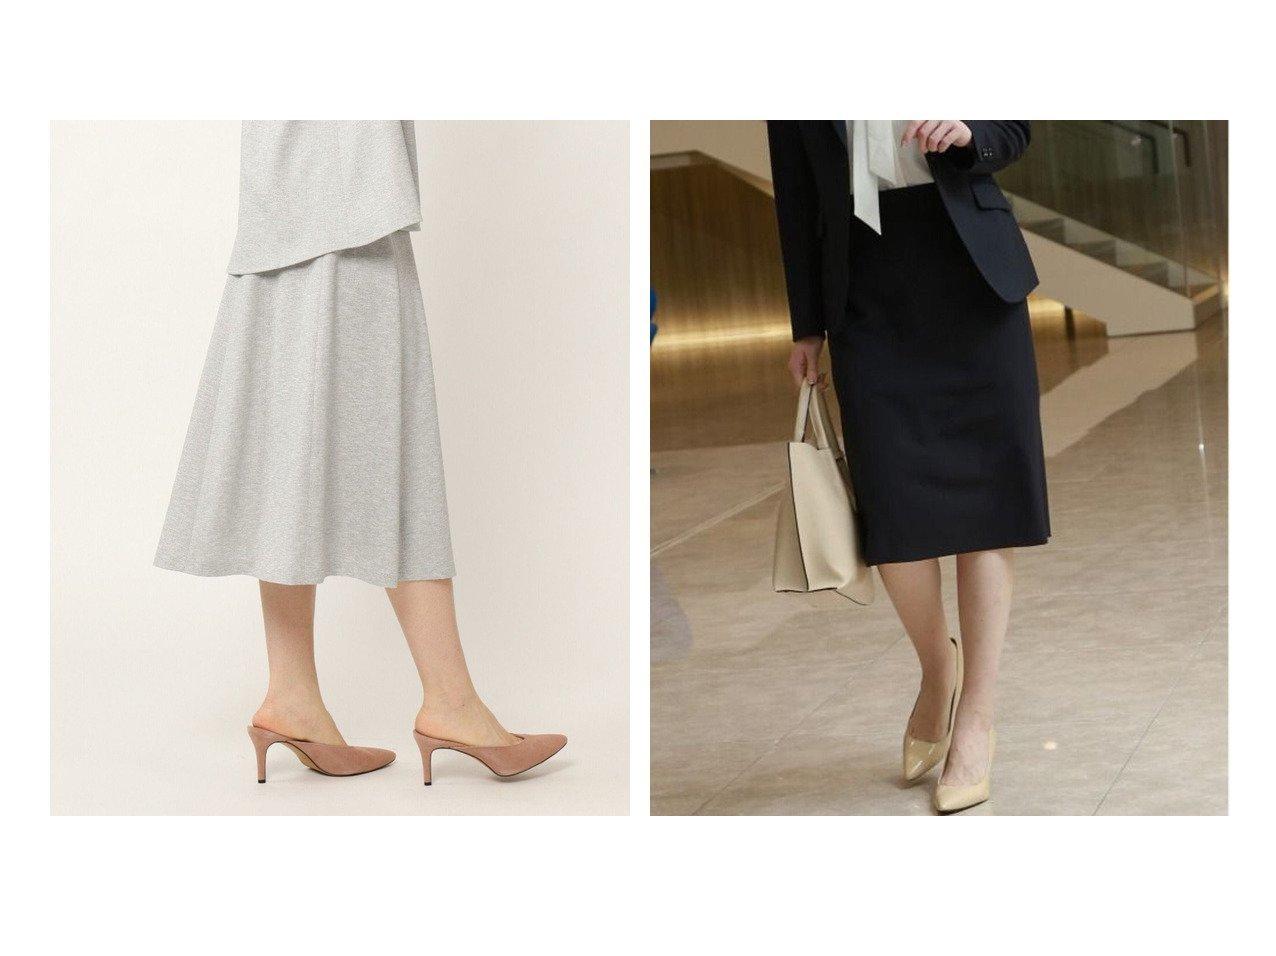 【KASHIYAMA EASY/カシヤマ イージー】のUVカット リネンライク フレアスカート&シルキータッチ2Wayストレッチタイトスカート 【スカート】おすすめ!人気、トレンド・レディースファッションの通販   おすすめで人気の流行・トレンド、ファッションの通販商品 インテリア・家具・メンズファッション・キッズファッション・レディースファッション・服の通販 founy(ファニー) https://founy.com/ ファッション Fashion レディースファッション WOMEN スカート Skirt Aライン/フレアスカート Flared A-Line Skirts シルク シンプル ストレッチ ストレート スーツ セットアップ タイトスカート 定番 Standard 人気 おすすめ Recommend |ID:crp329100000057108